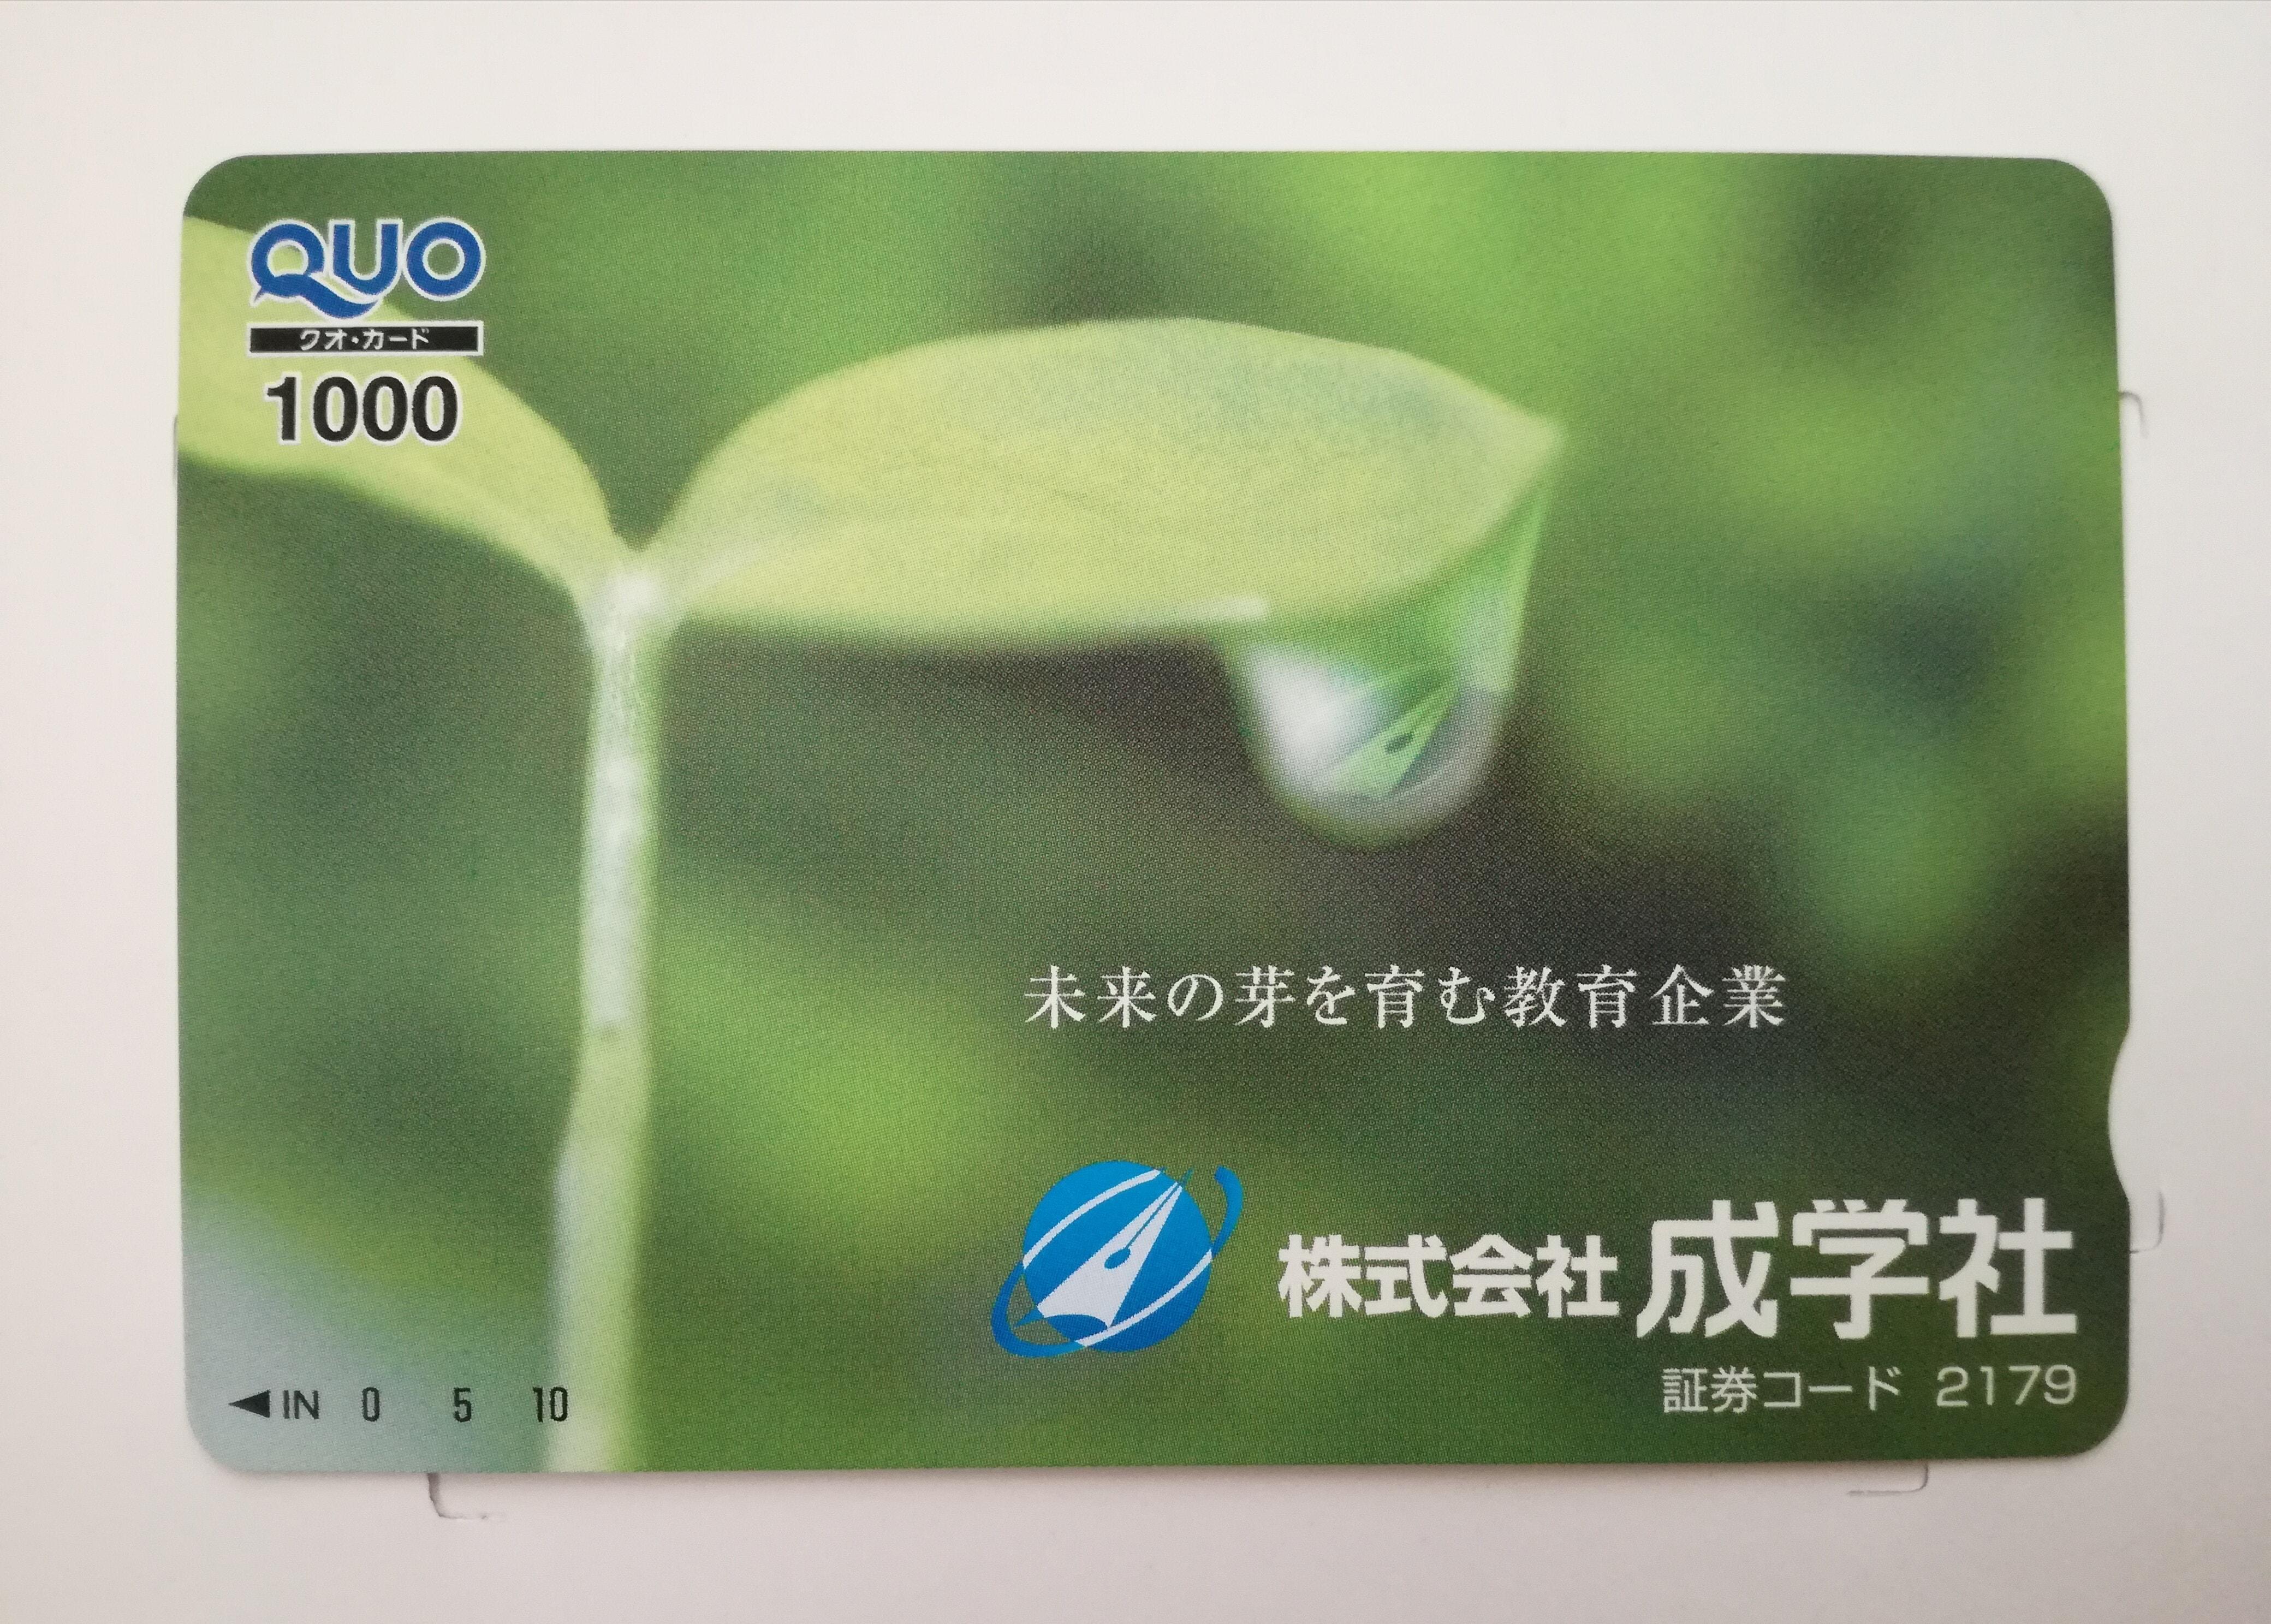 配当+株主優待利回り3%超!成学社(2179)の株主優待クオカード1,000円が届きました!